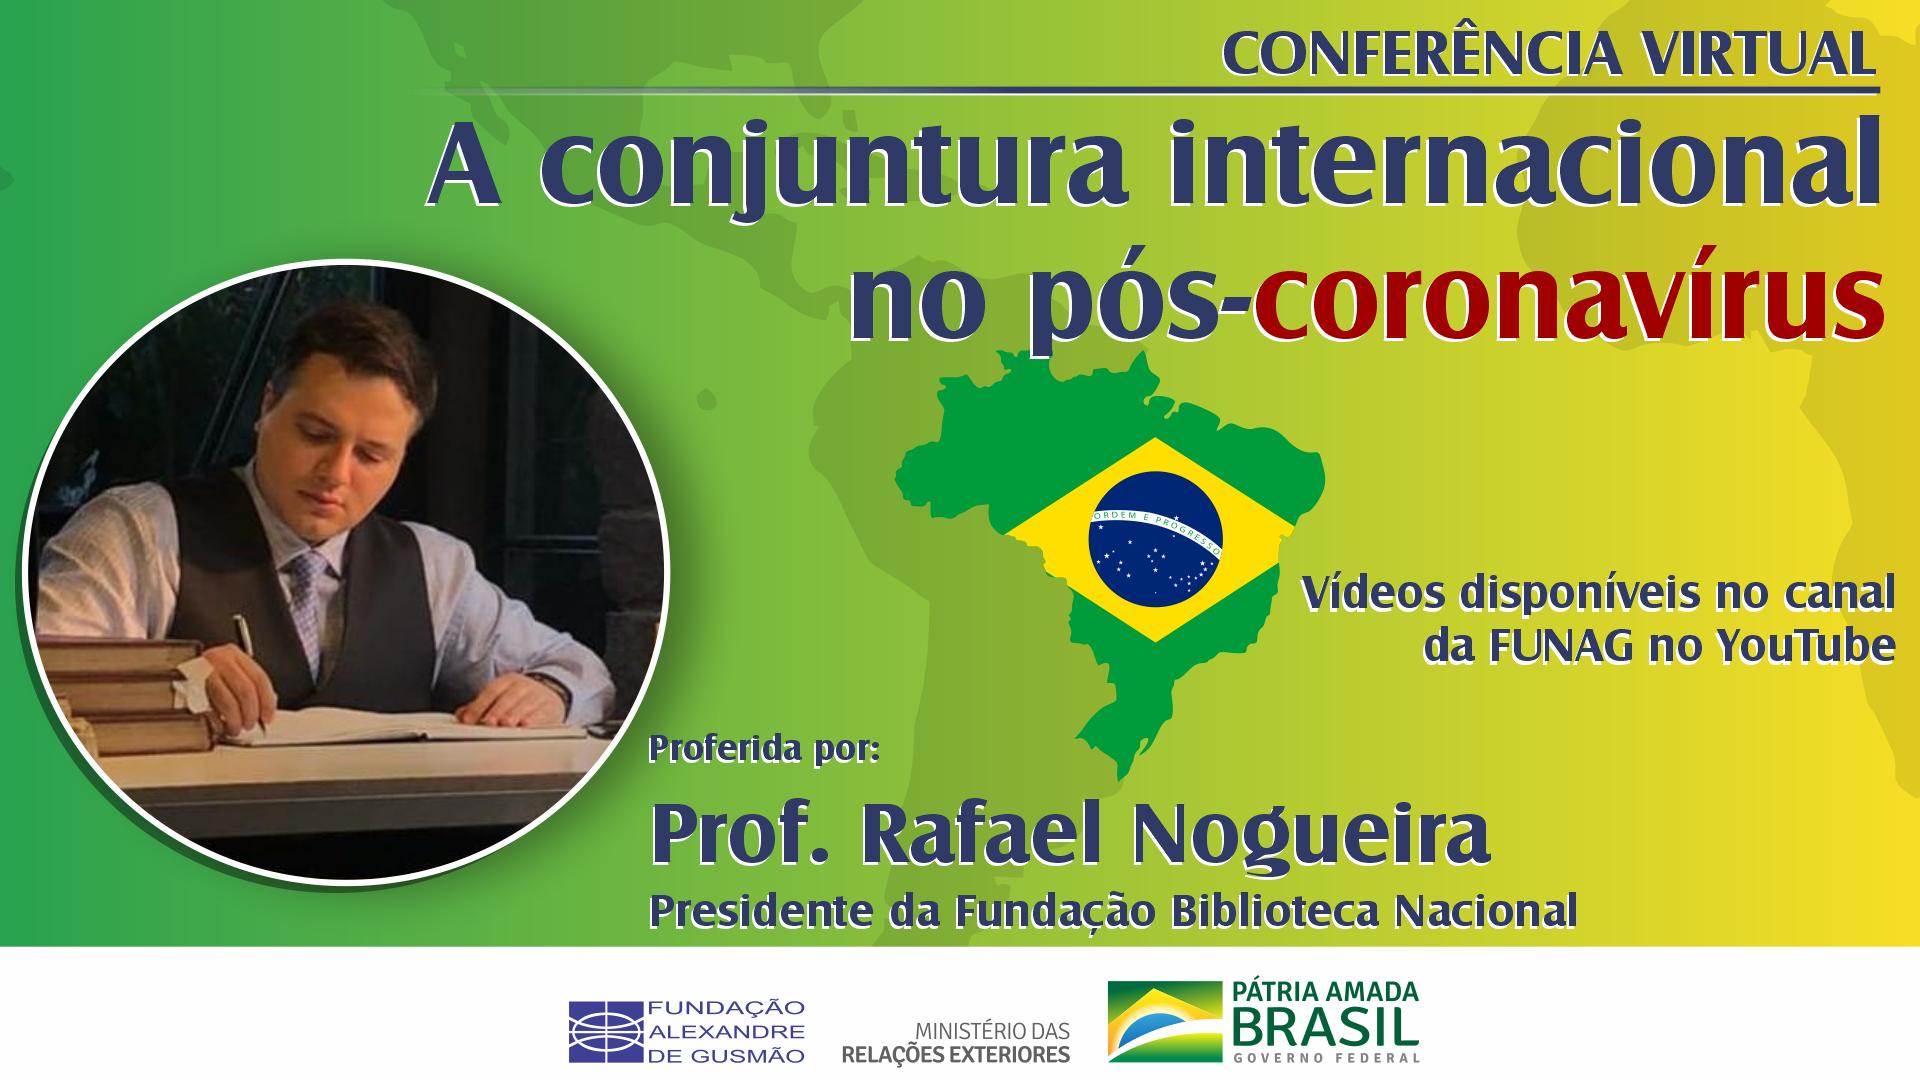 Vea la conferencia con el Profesor Rafael Nogueira, Presidente de la Biblioteca Nacional de Brasil